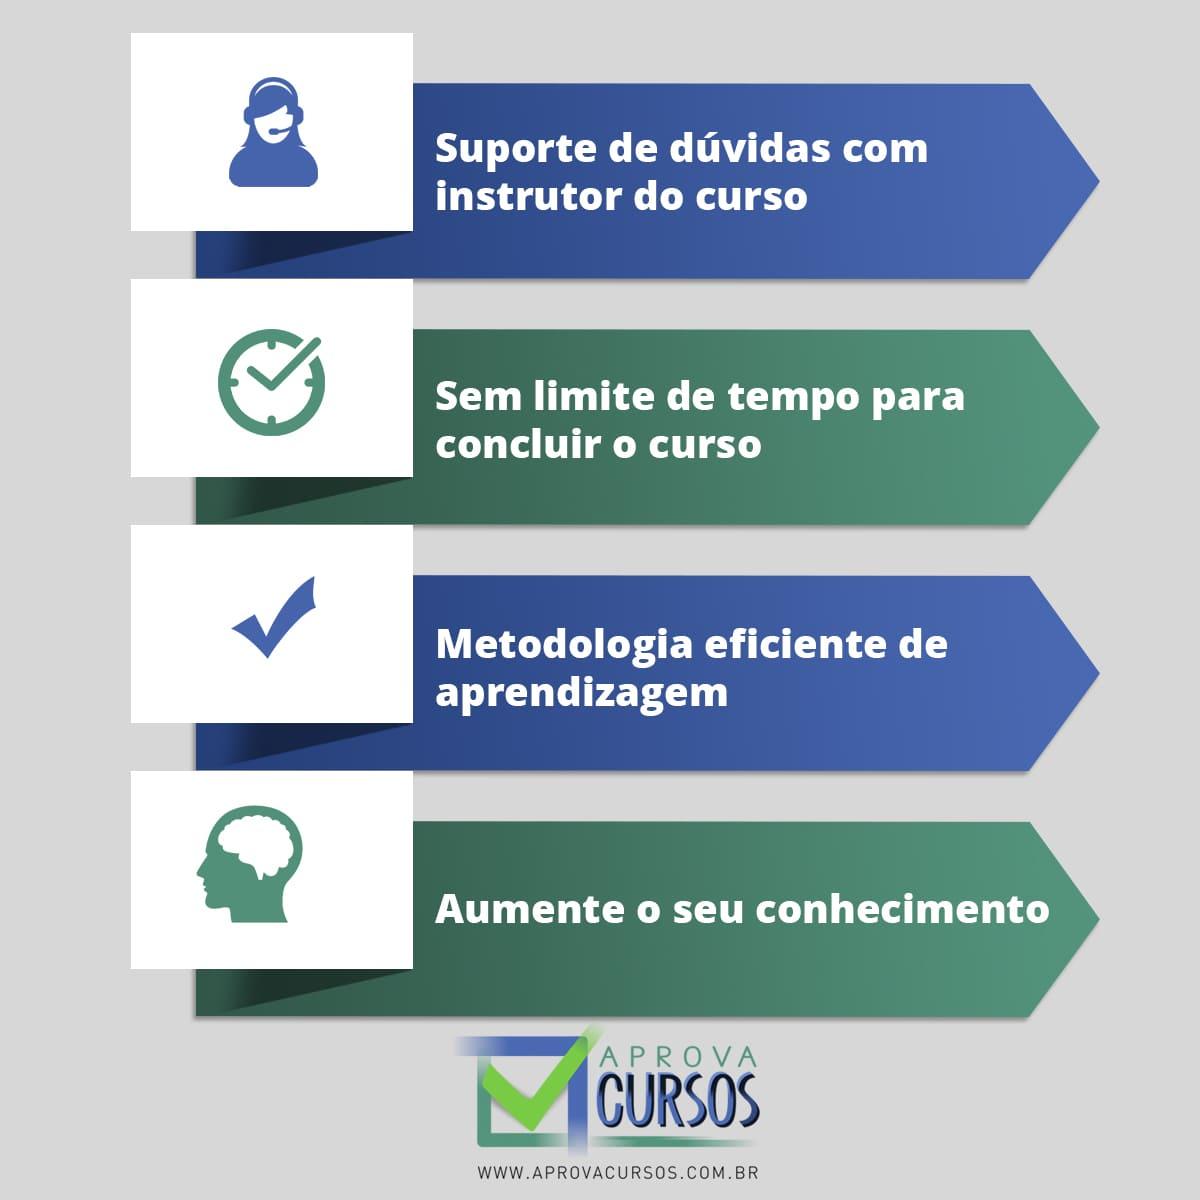 Curso Online de Avaliação da Aprendizagem com Certificado  - Aprova Cursos